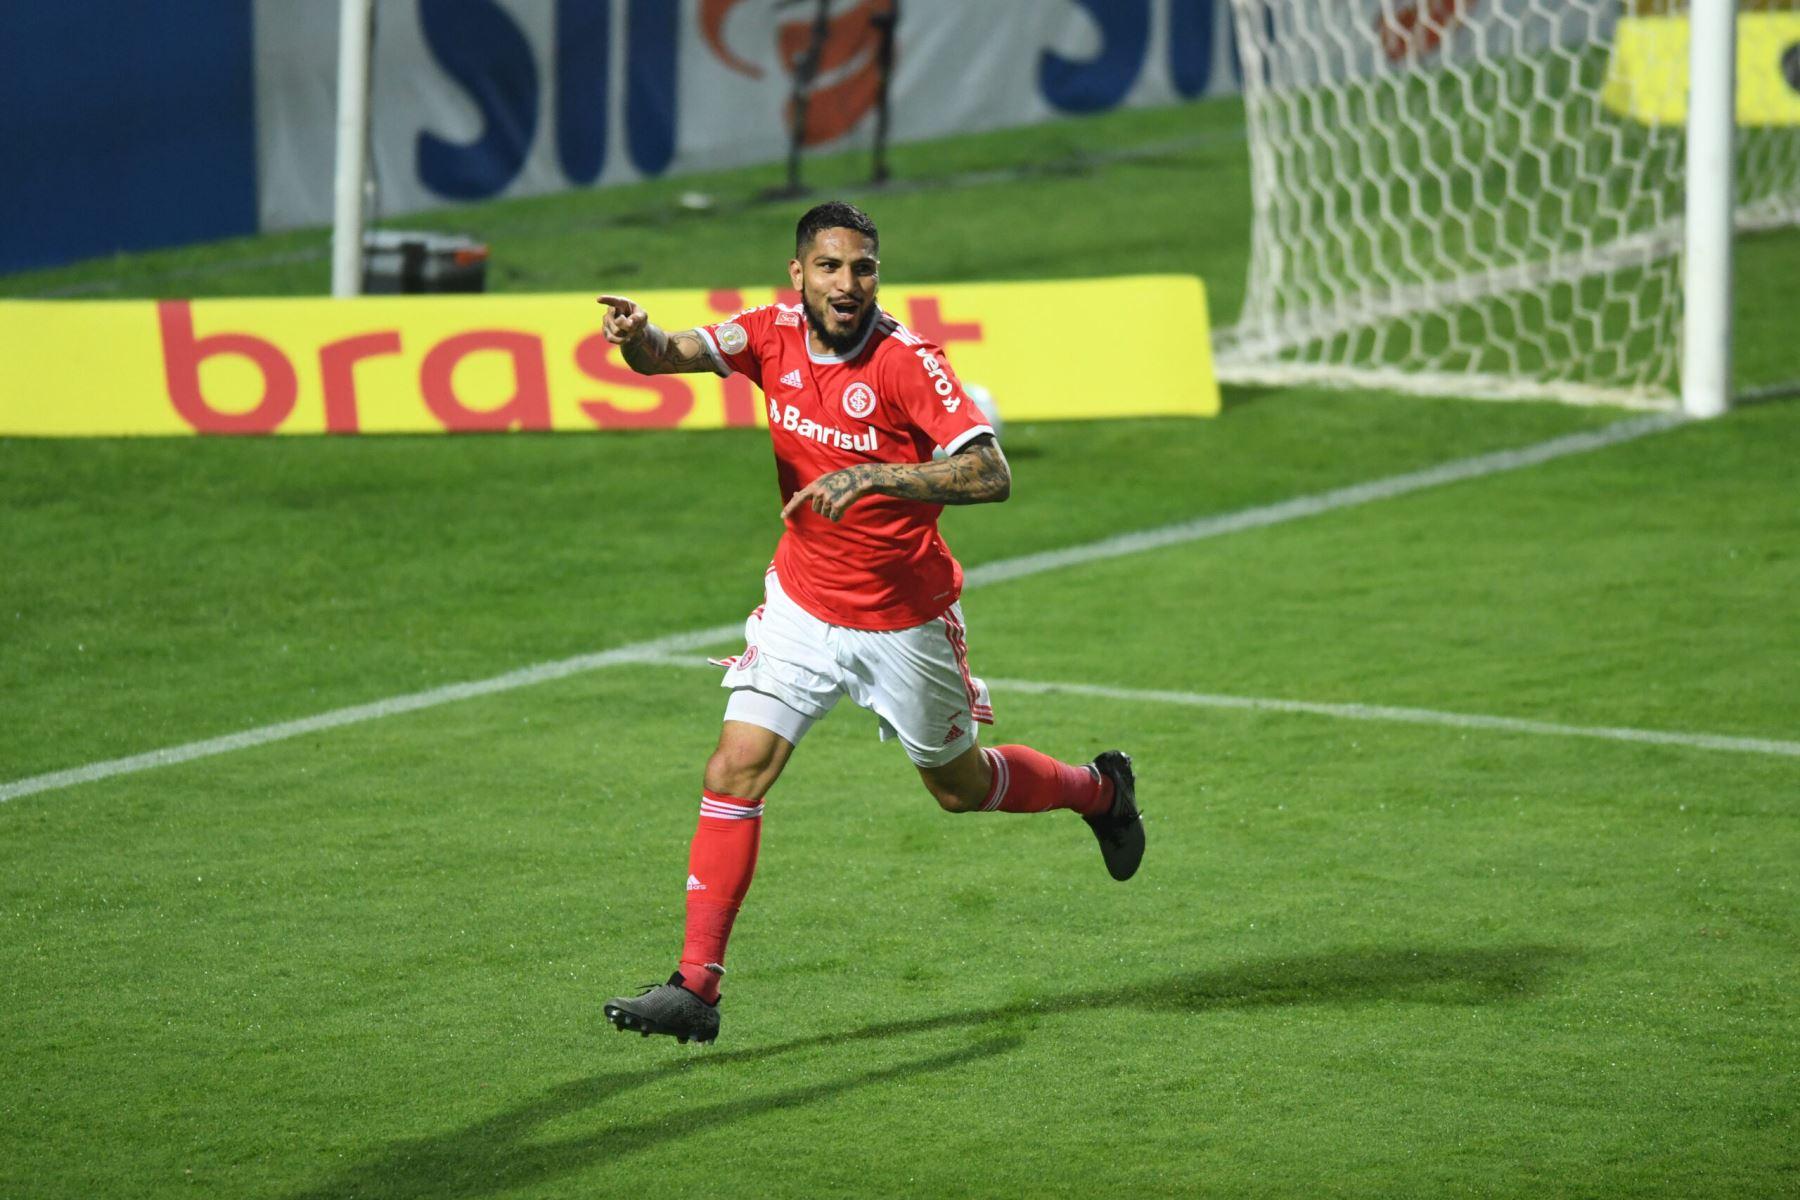 Paolo Guerrero anotó el gol del triunfo en el encuentro entre Internacional vs Coritiba por la primera fecha del Brasileirao 2020. Foto: Ricardo Duarte/FC Internacional